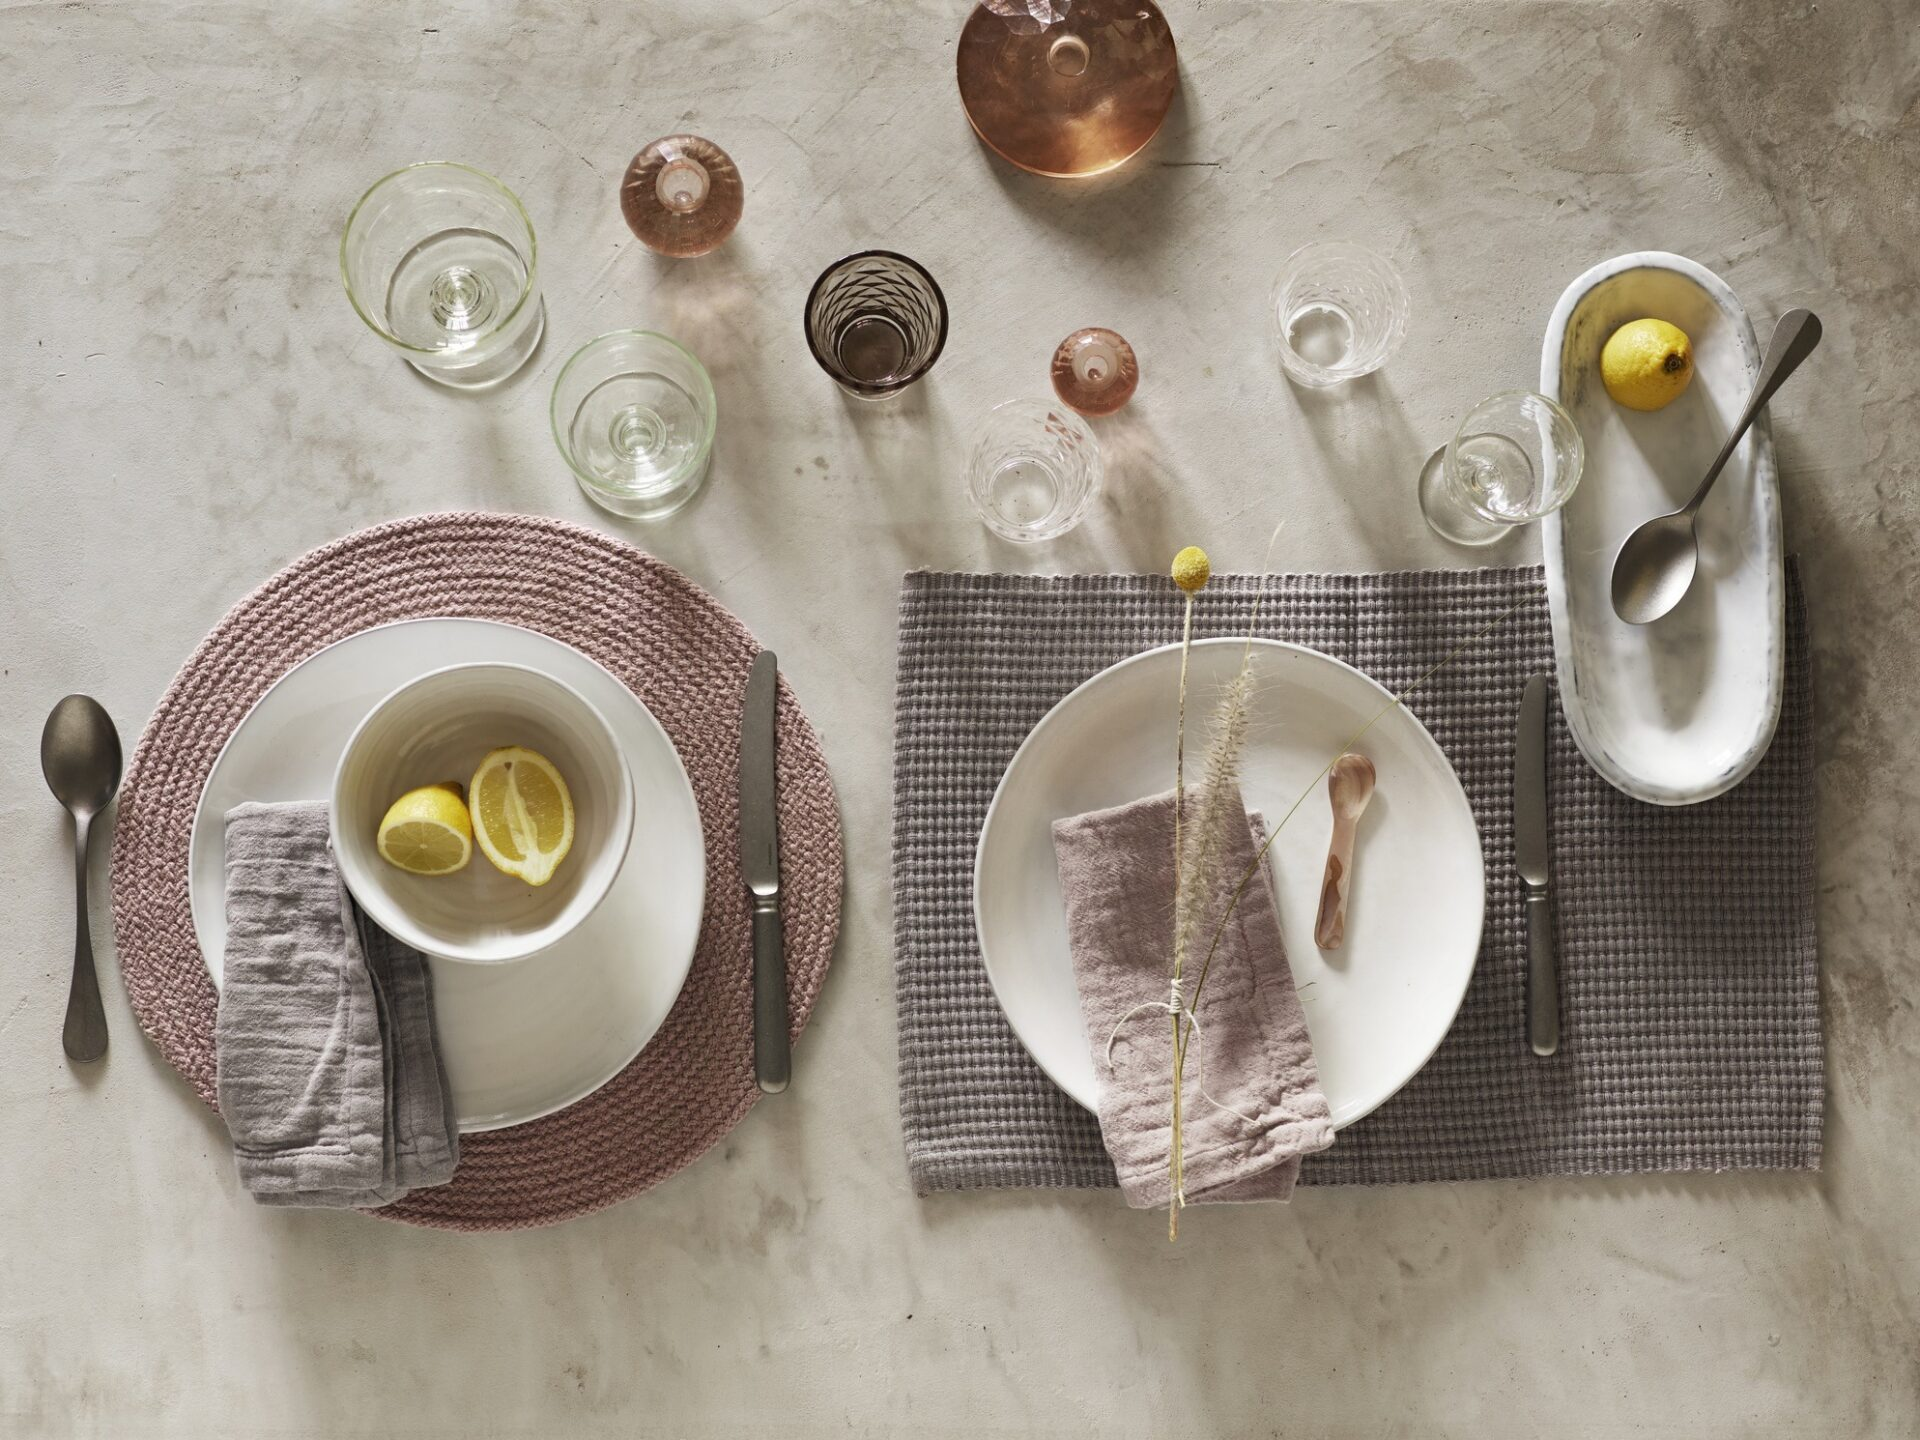 Tischdekoration von Tine K Home